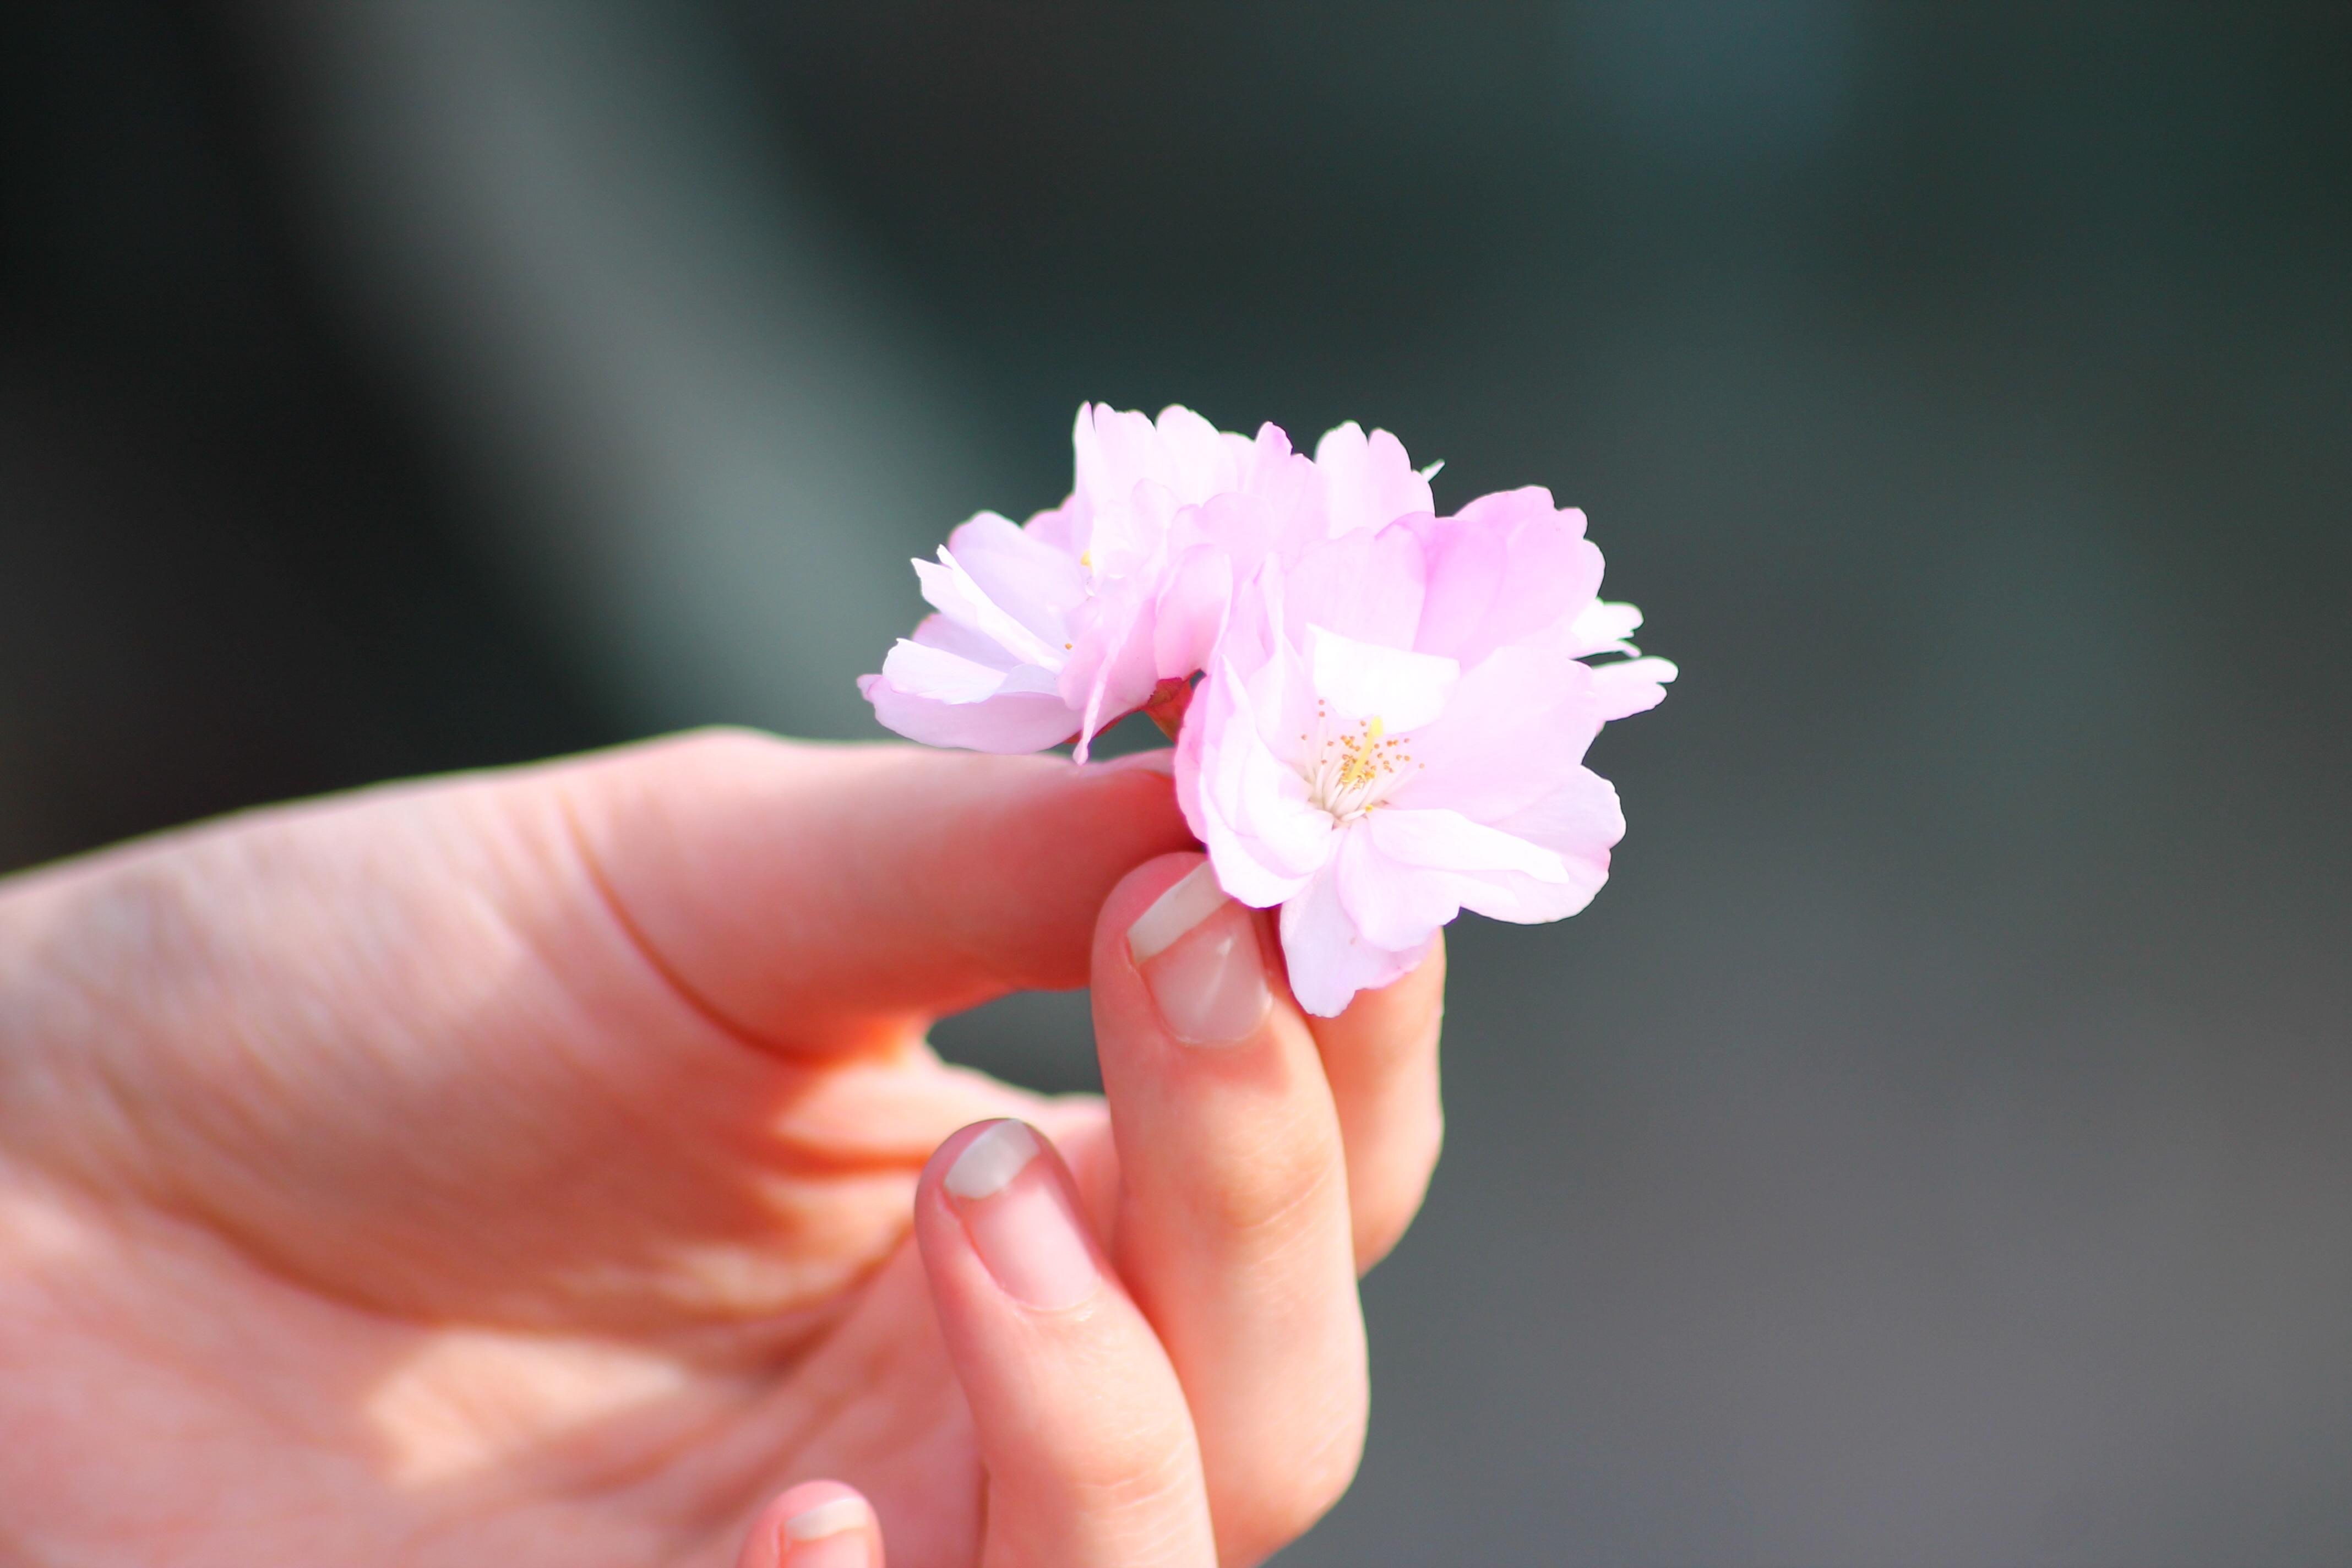 доче фото цветы на ладонях желания сбываются